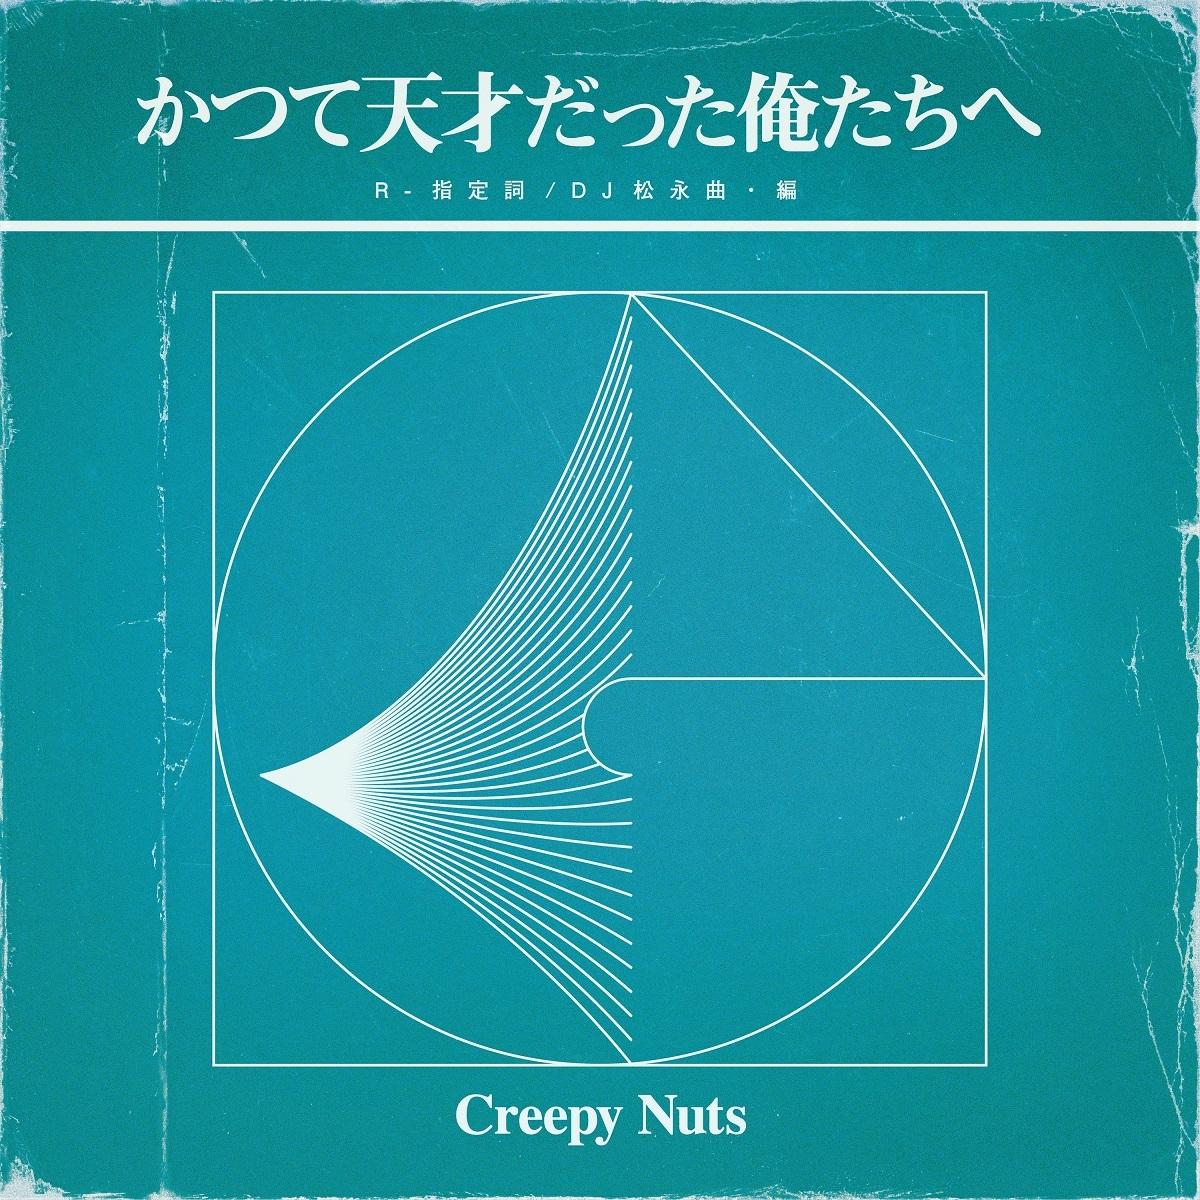 Creepy Nuts『かつて天才だった俺たちへ』ラジオ盤